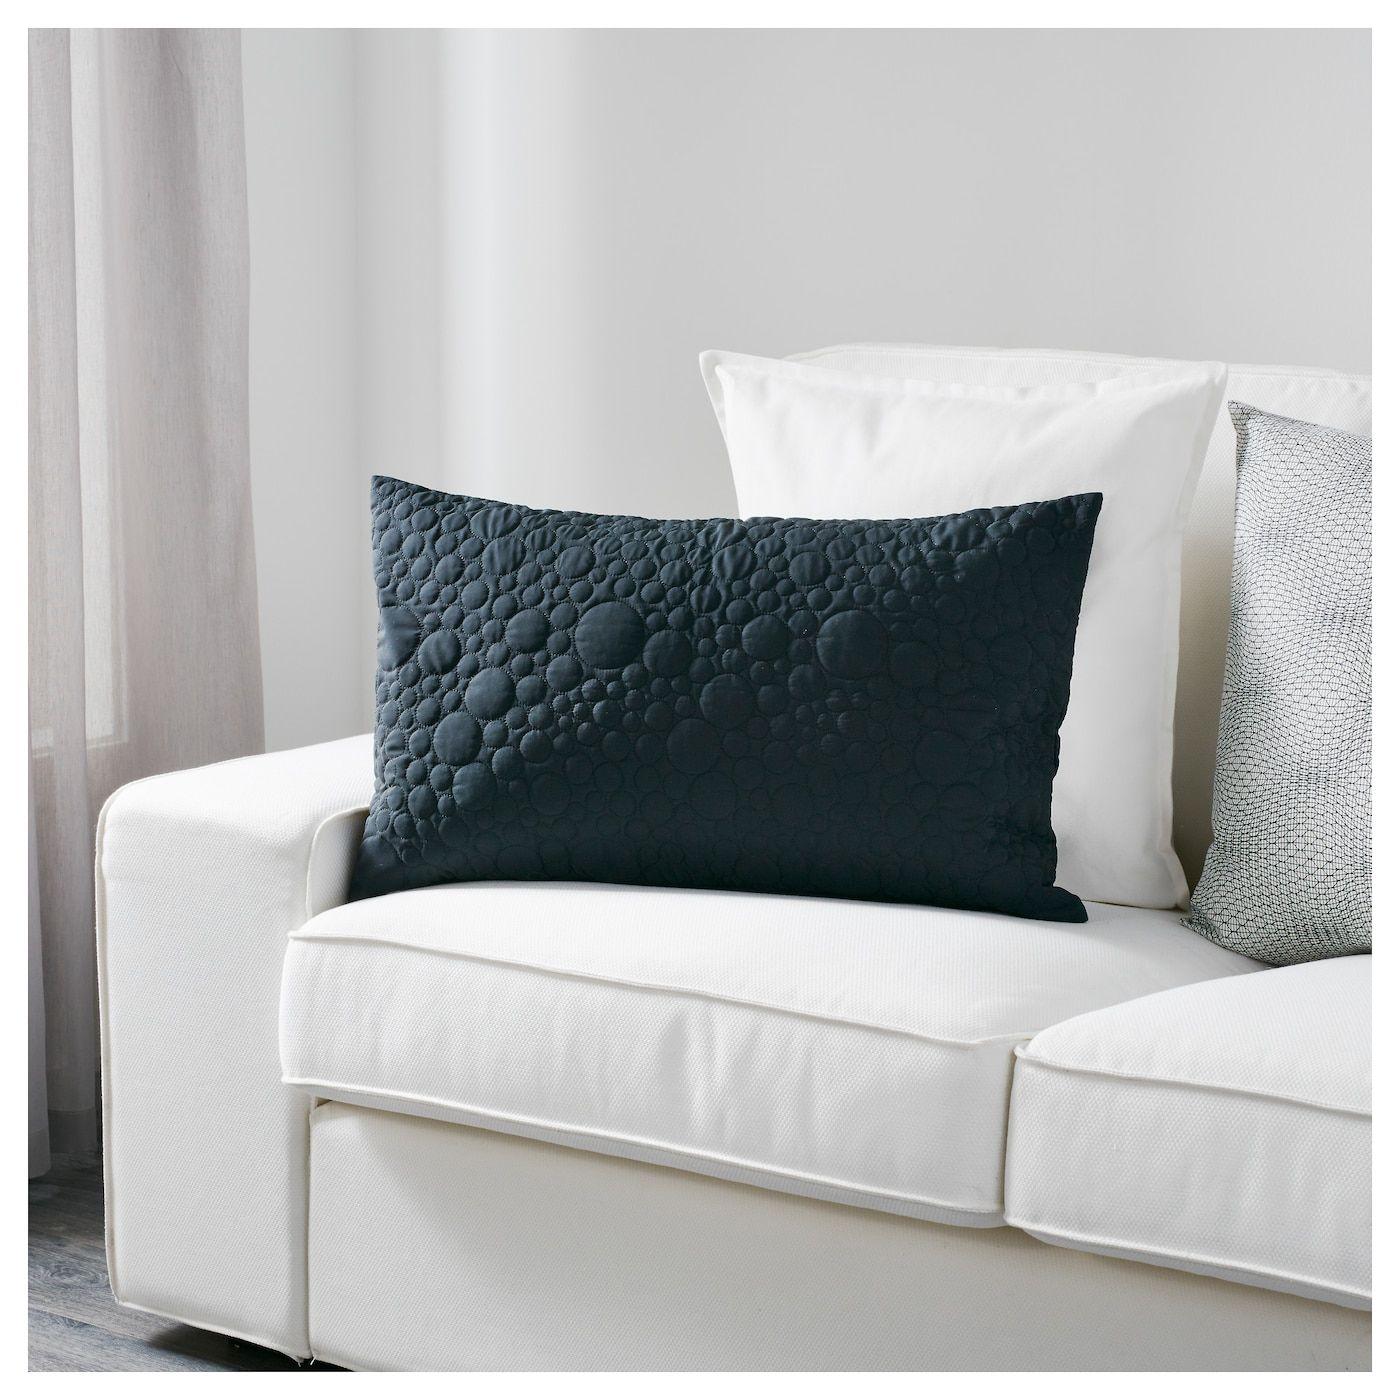 Schwarzes Sofa Kissen